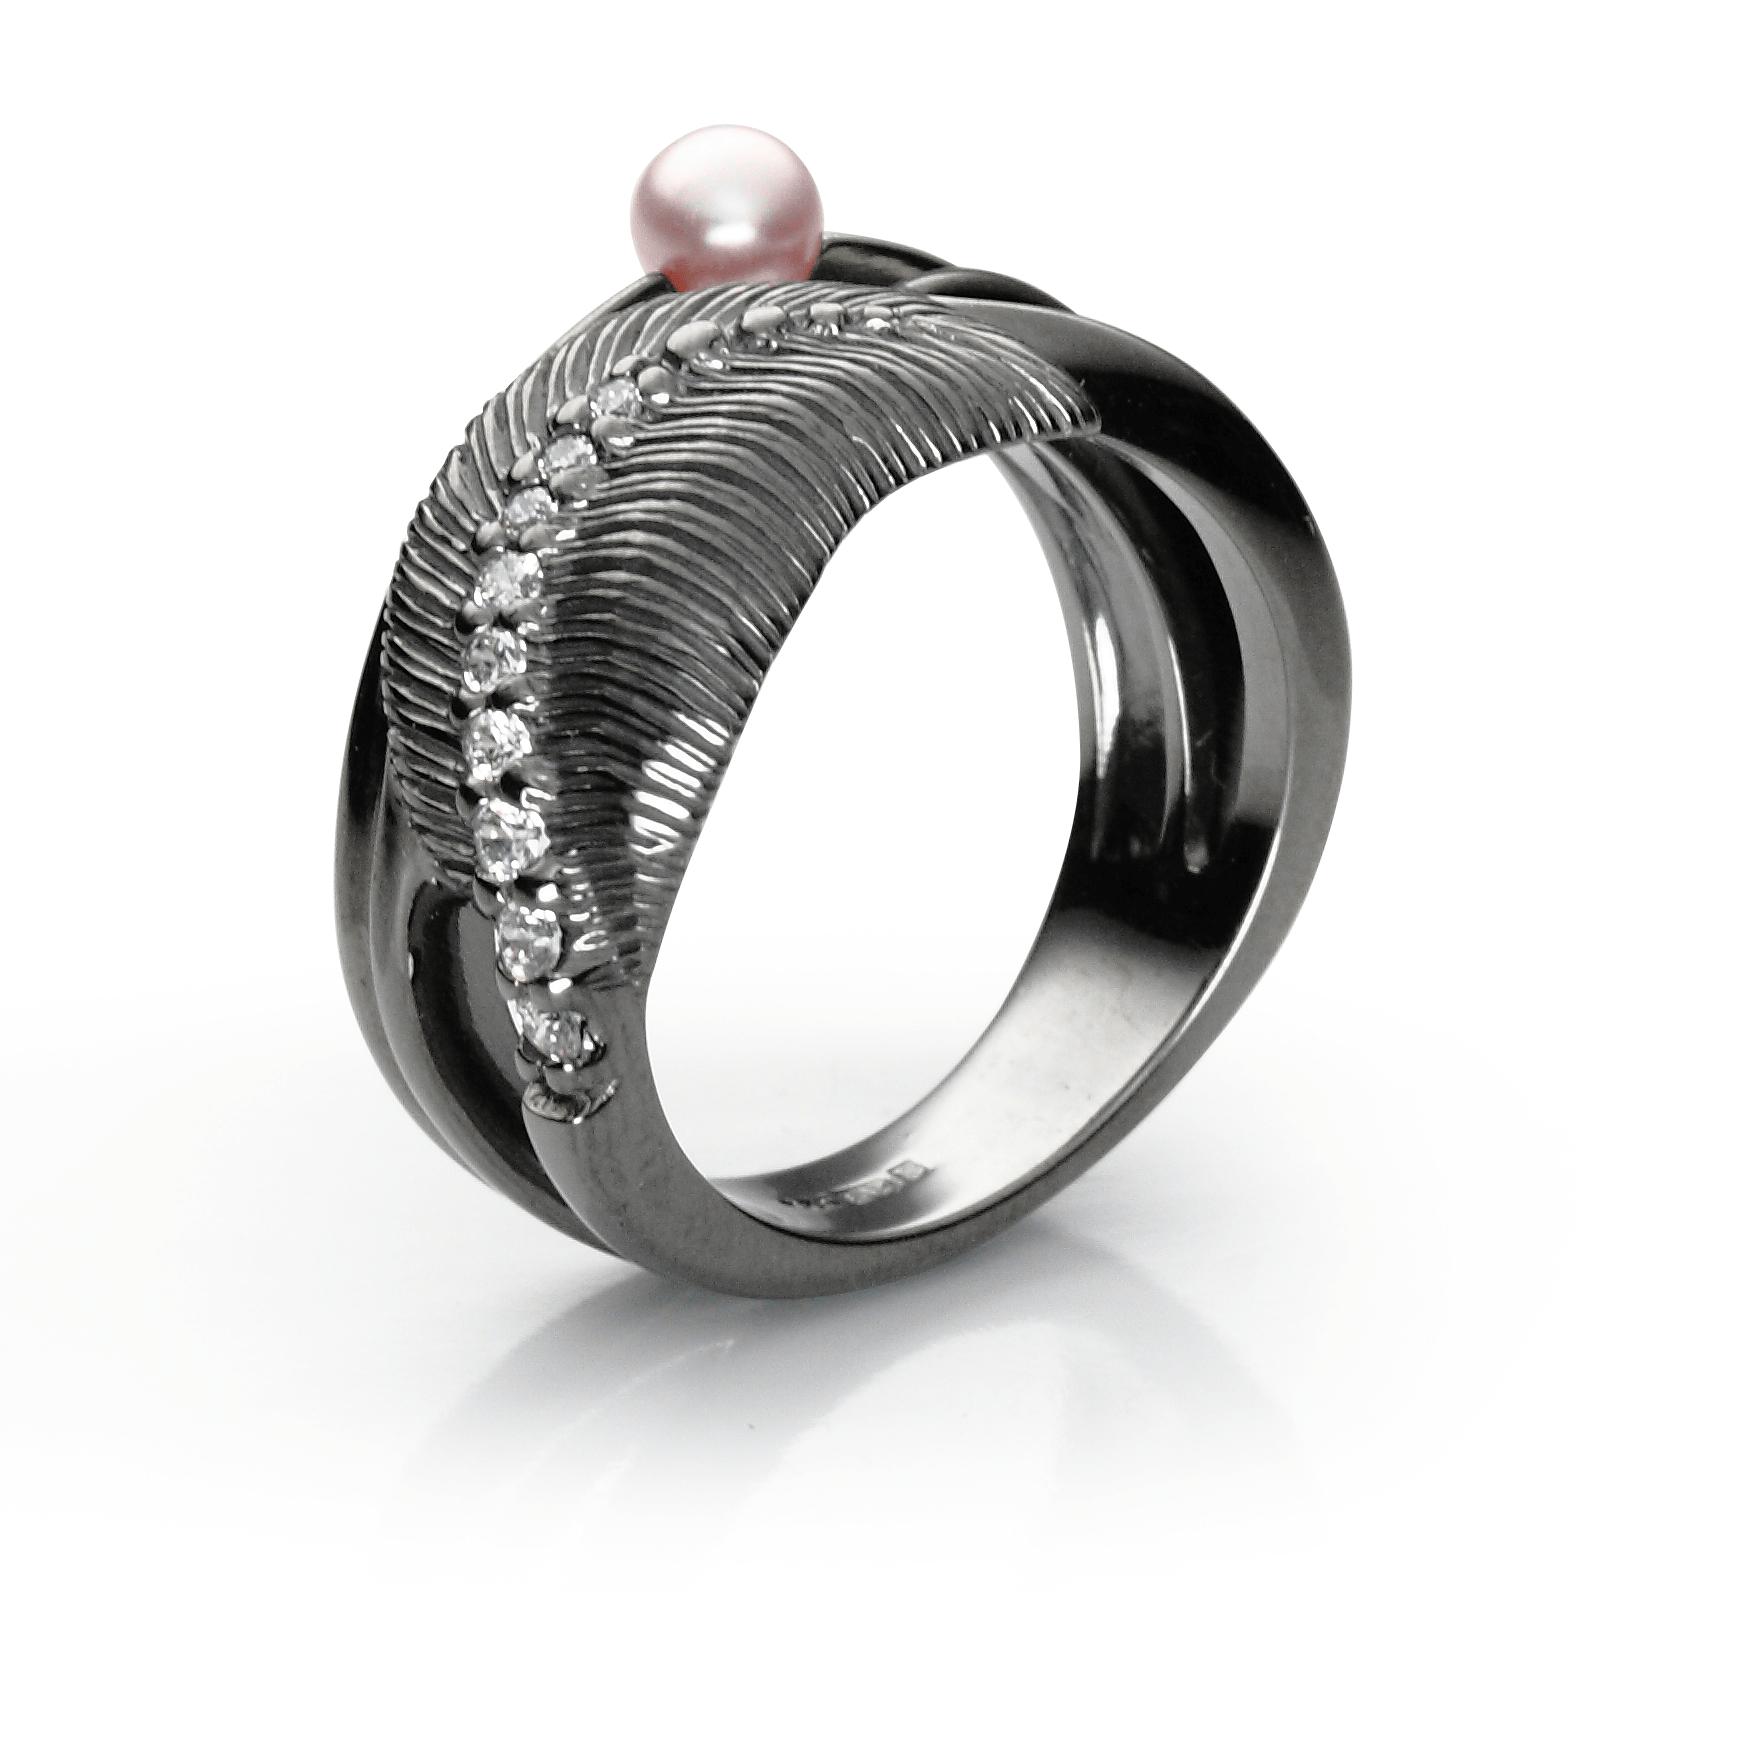 Ringsilver 925/000 black rhodium platedglass pearl Swarovski 4 mm-1x; CZ 1,75 mm-3; CZ 1,5 mm-3x; CZ 1,25-3x